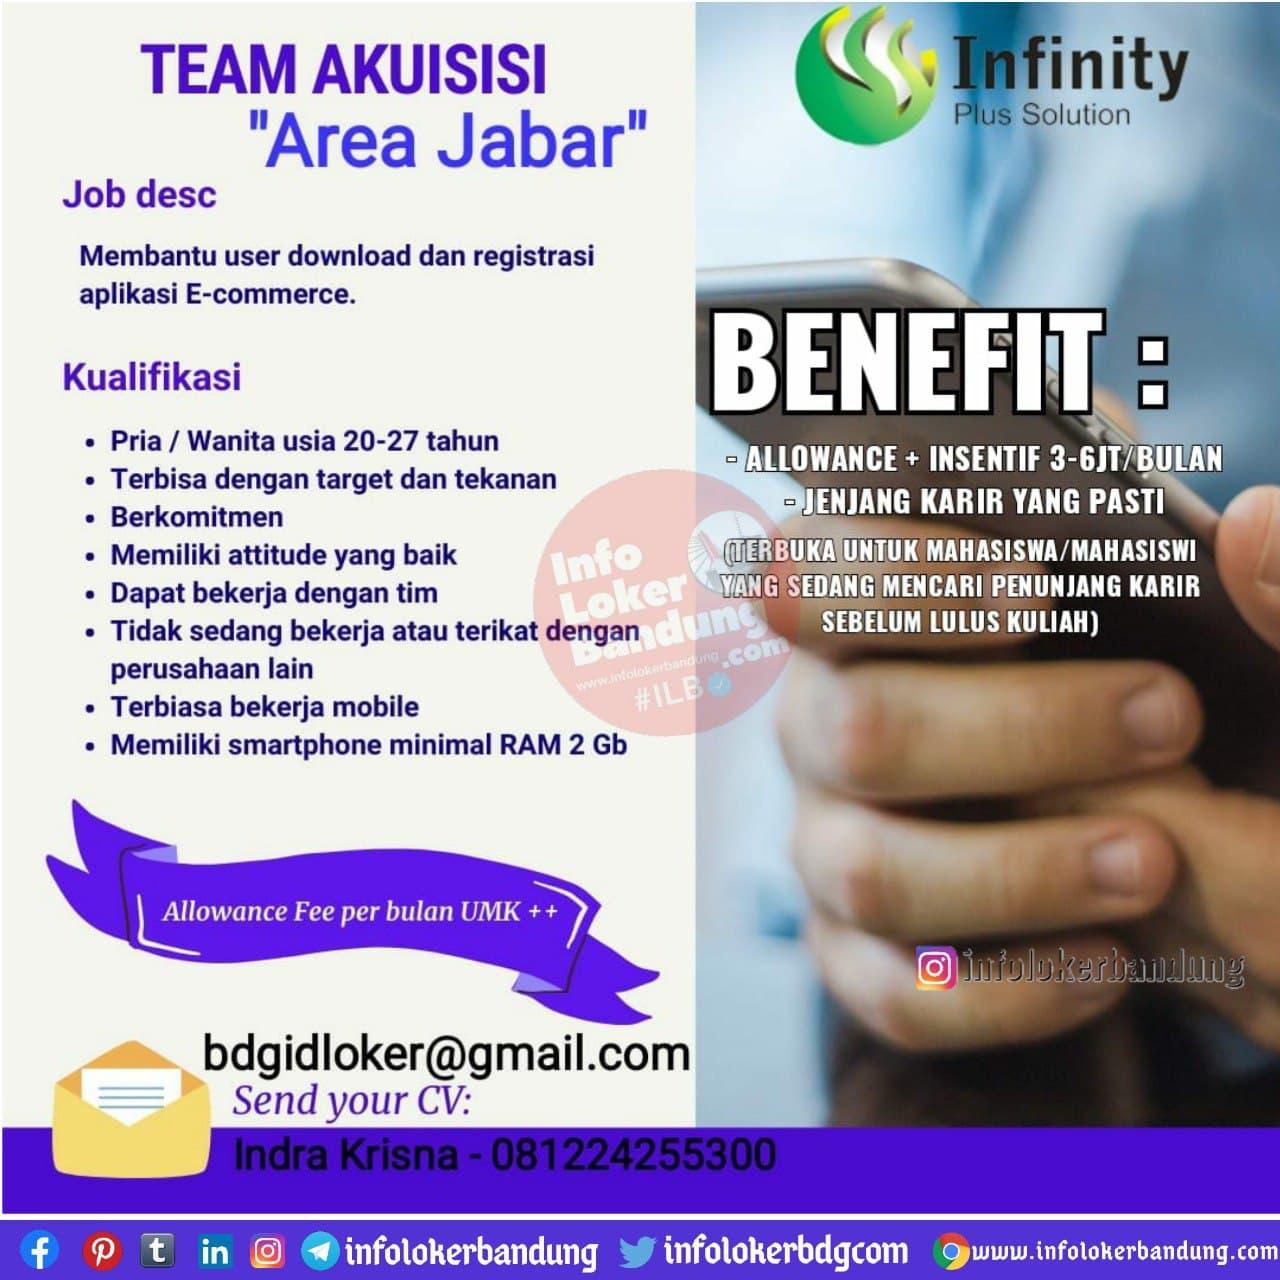 Lowongan Kerja PT Infinity Plus Solution Bandung Januari 2021